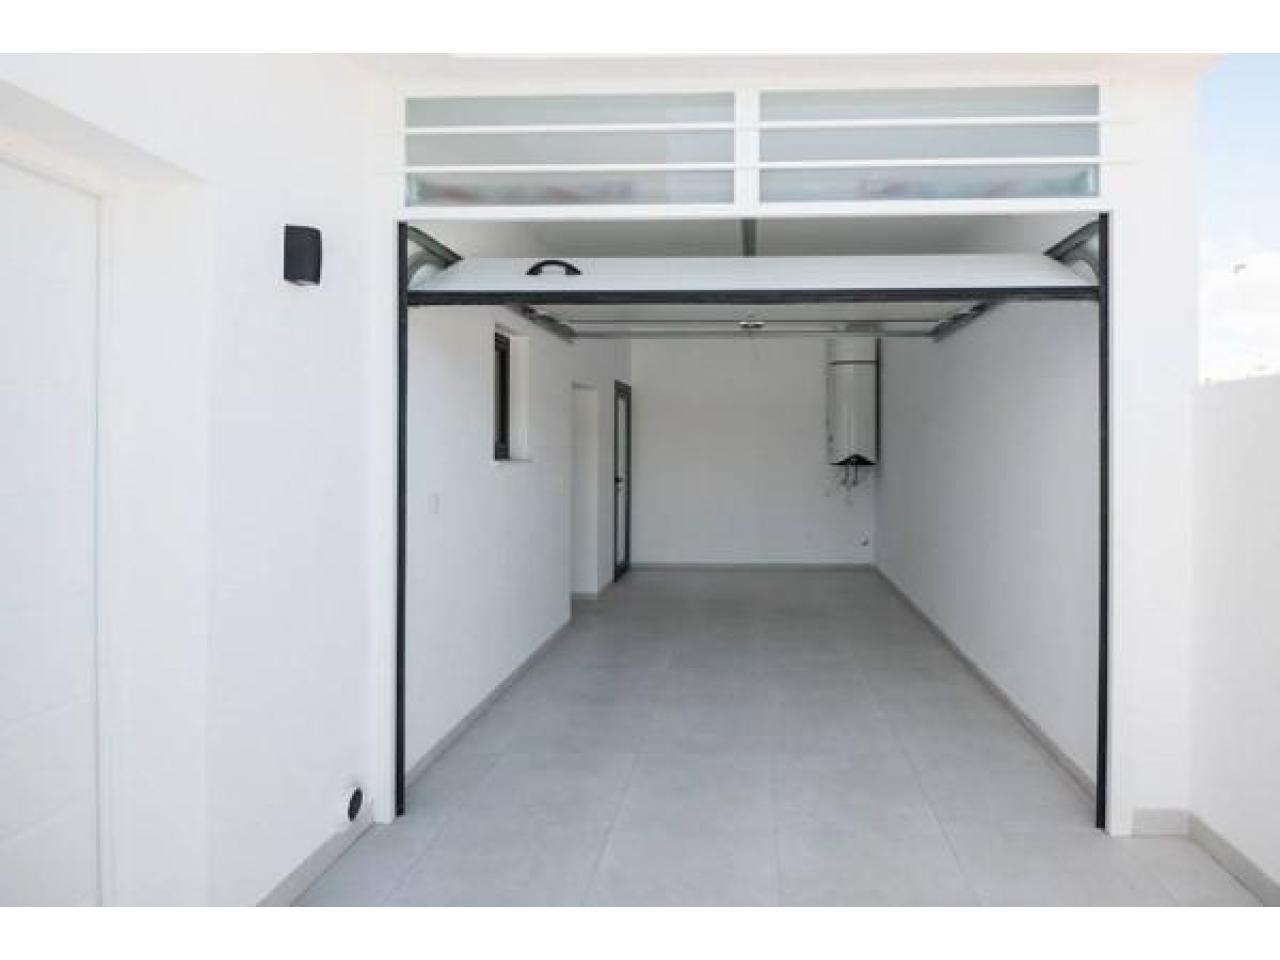 Недвижимость в Испании, Новая вилла рядом с пляжем от застройщика в Сан-Хавьер - 9